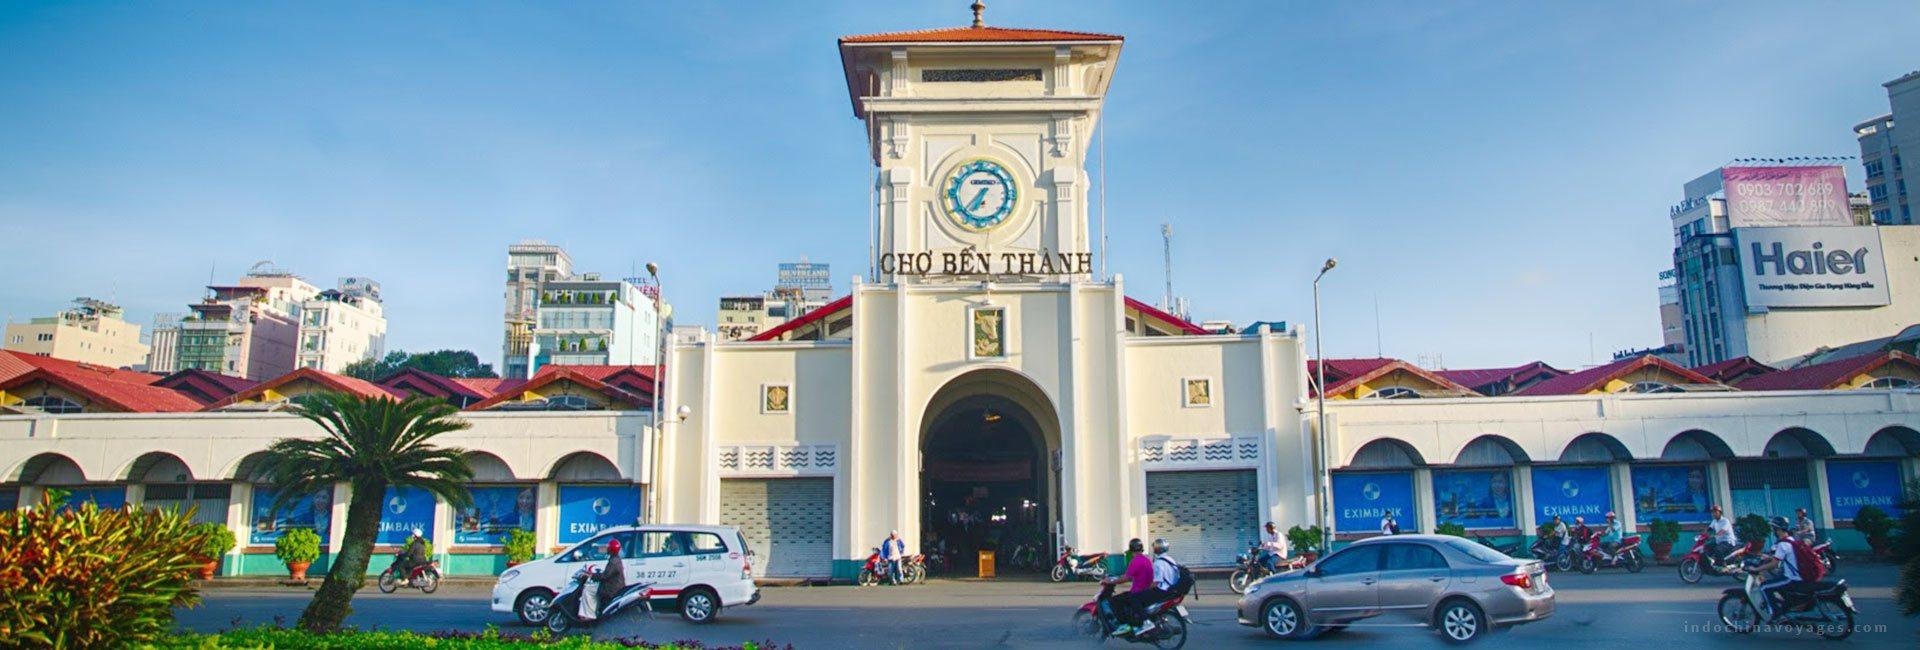 Taste-of-Ho-Chi-Minh-Mekong-Delta-3-days-Baner